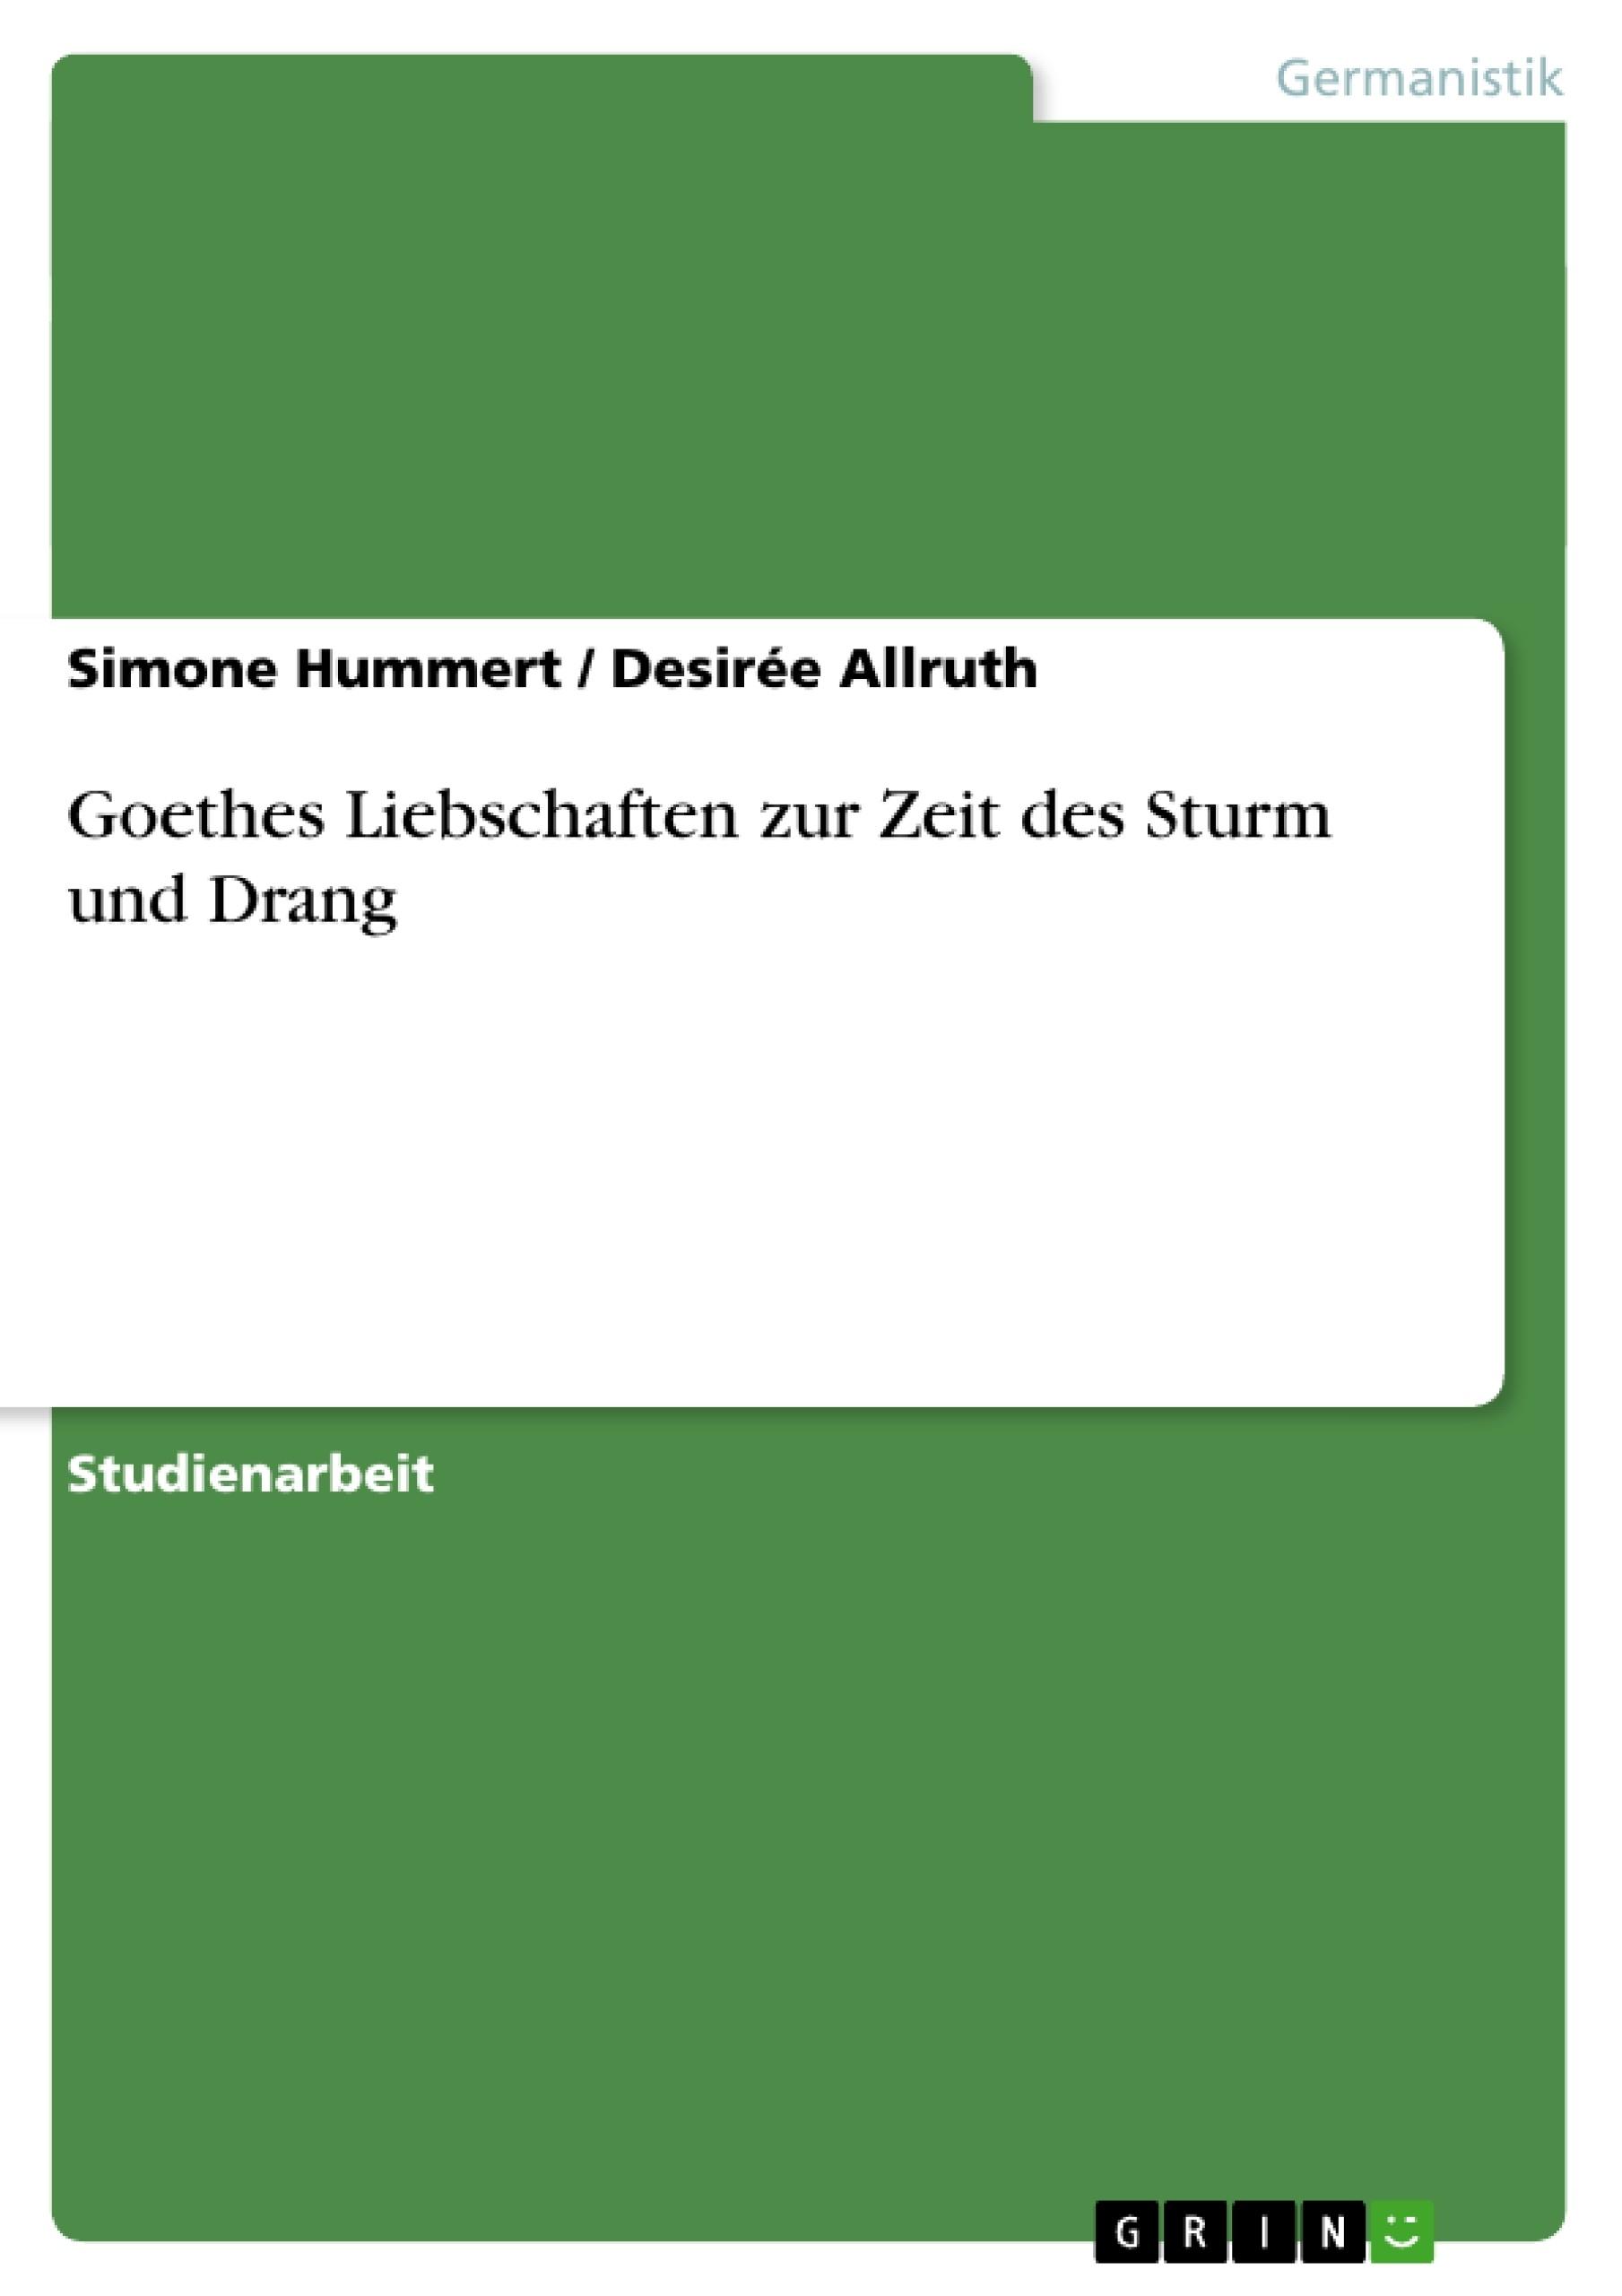 Titel: Goethes Liebschaften zur Zeit des Sturm und Drang